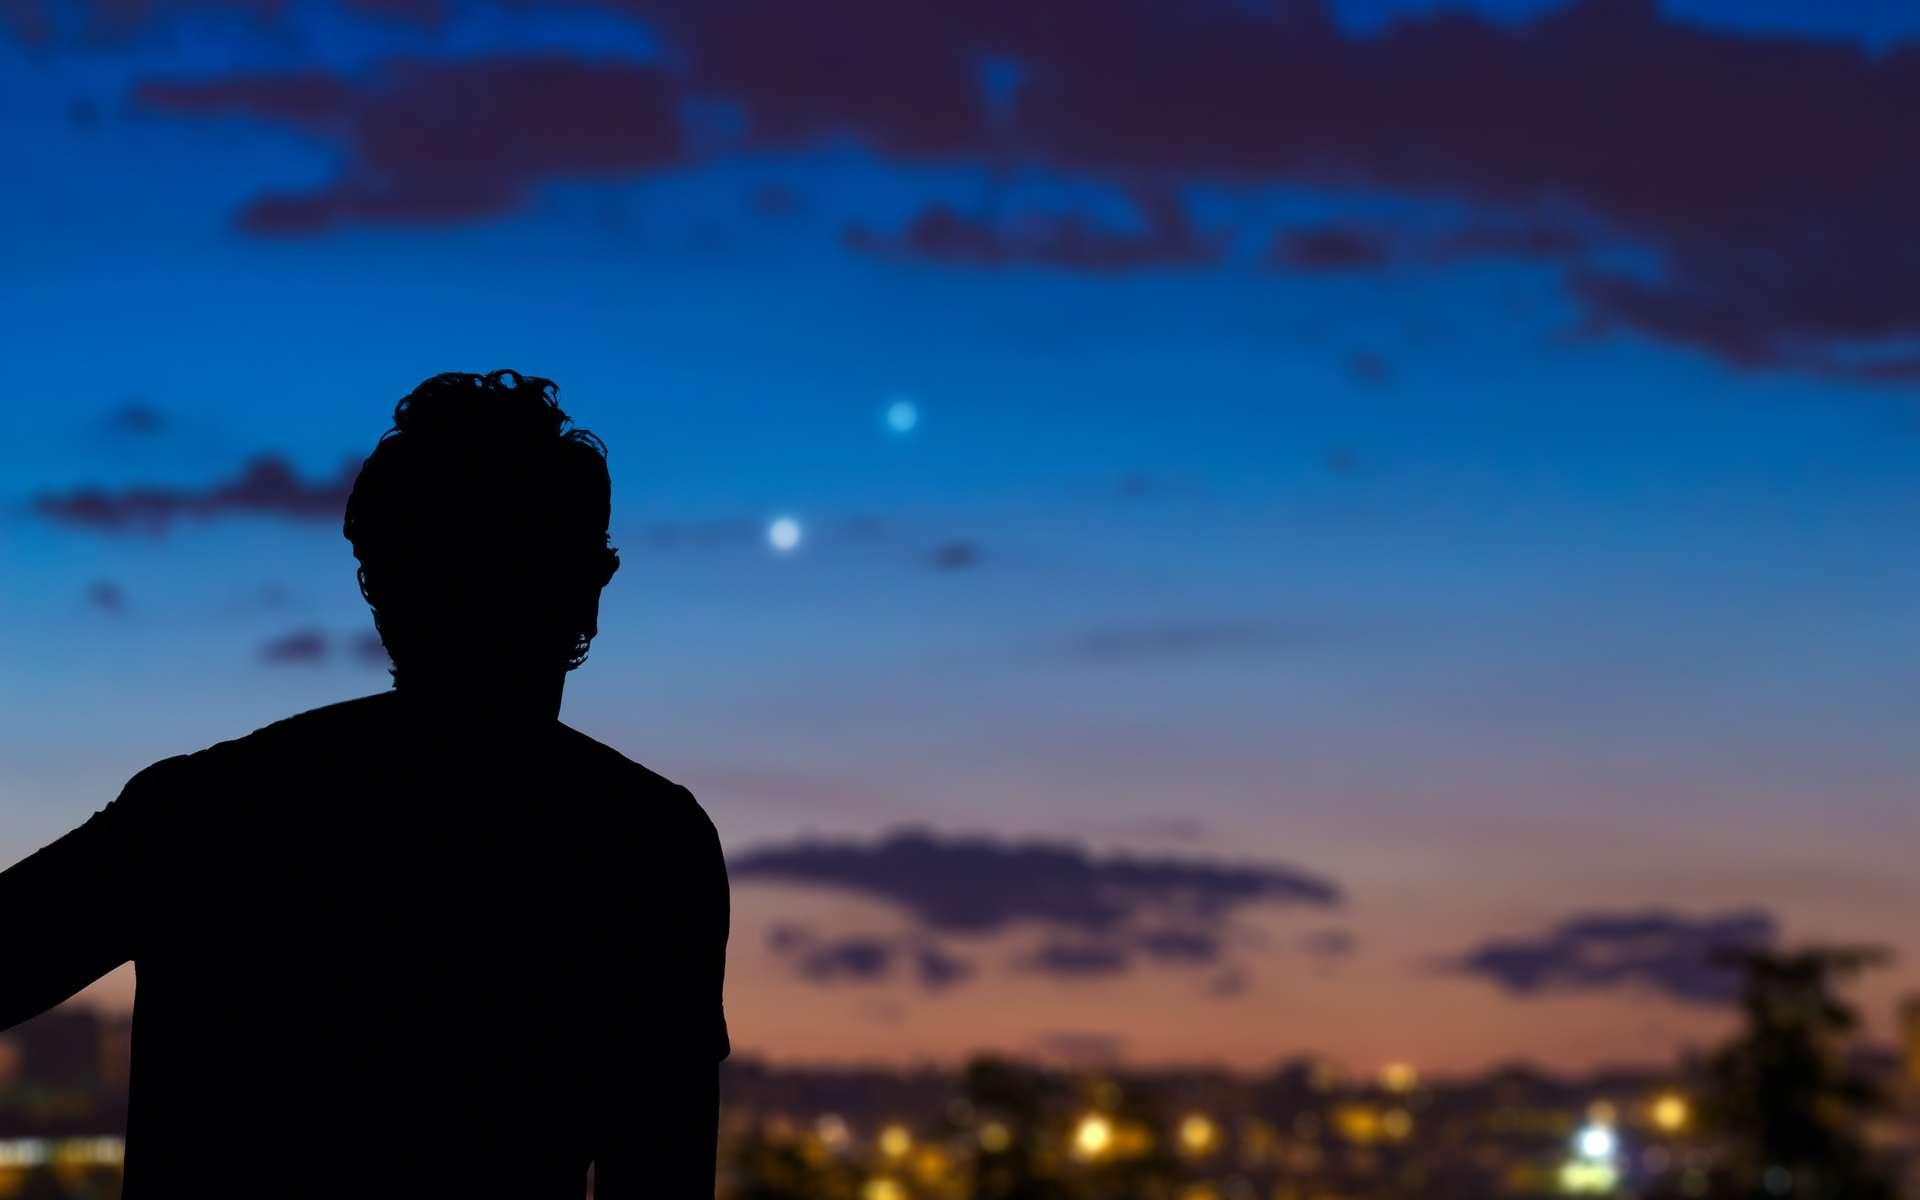 Les planètes Mars, au-dessus de l'est, Jupiter et Saturne, au-dessus du sud-ouest, sont bien visibles à la tombée de la nuit en novembre, y compris dans un environnement où la pollution lumineuse est très présente. © astrosystem, Adobe Photos